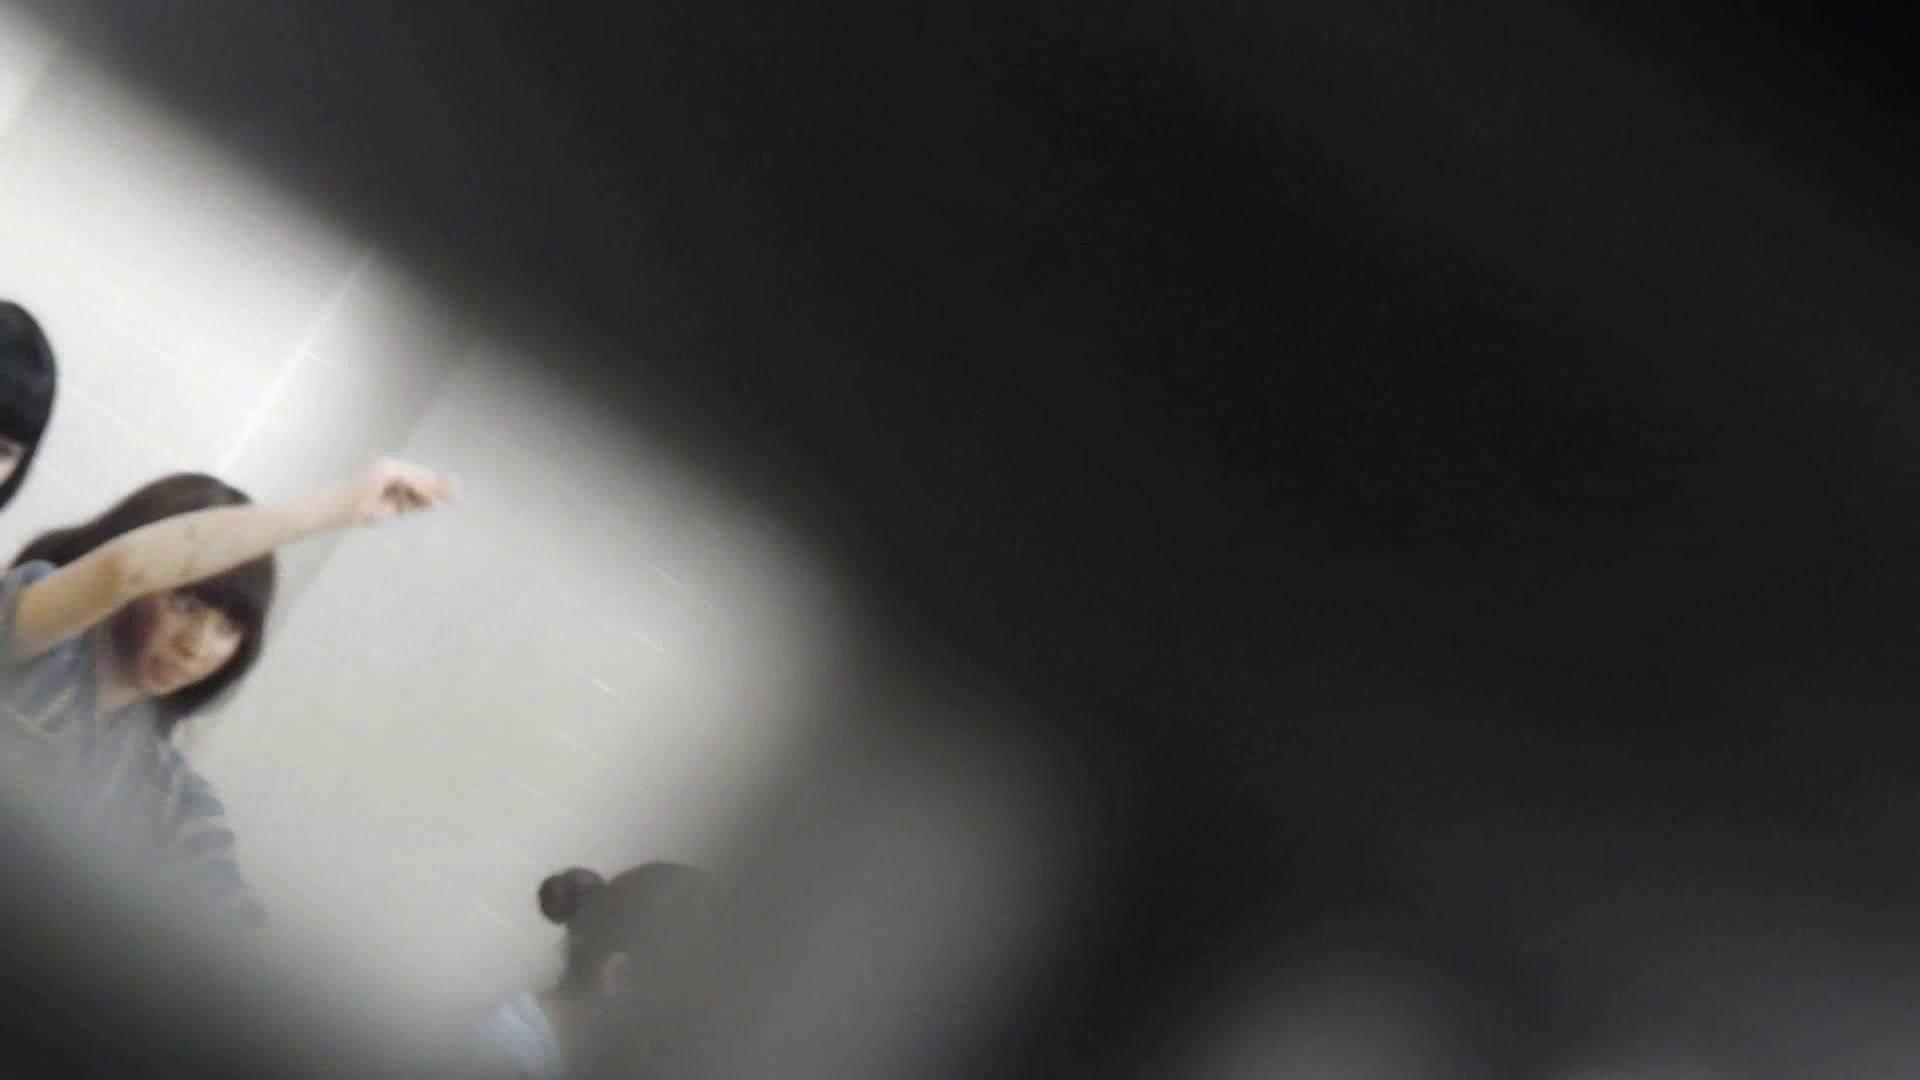 vol.28 命がけ潜伏洗面所! ∑(゚Д゚)アッ! エロティックなOL  106画像 4